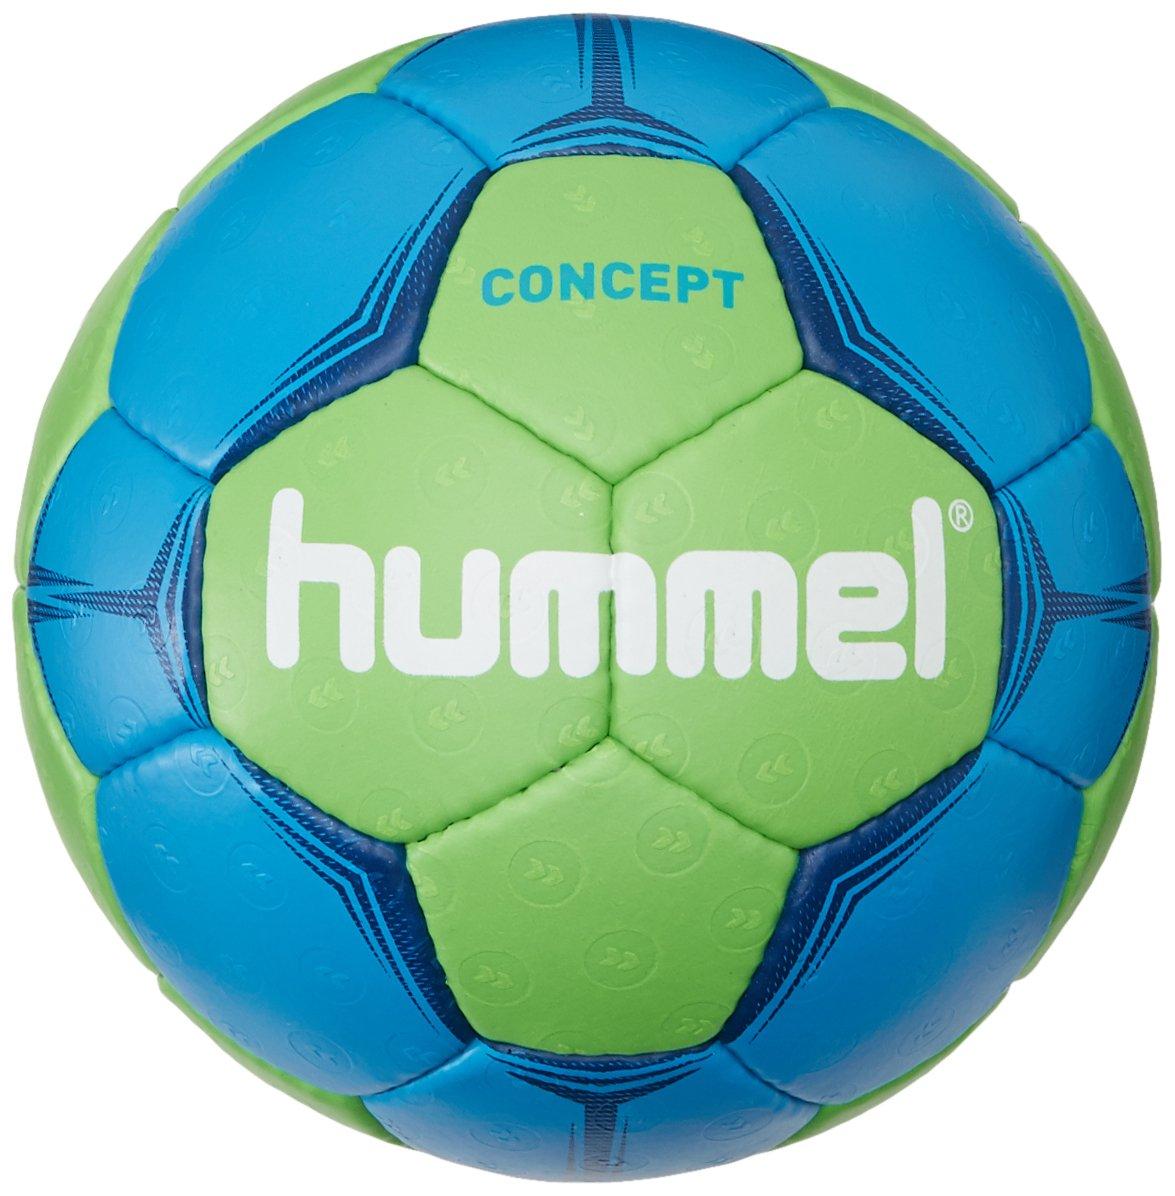 Hummel Concept Handball Ball blue / green, Size3